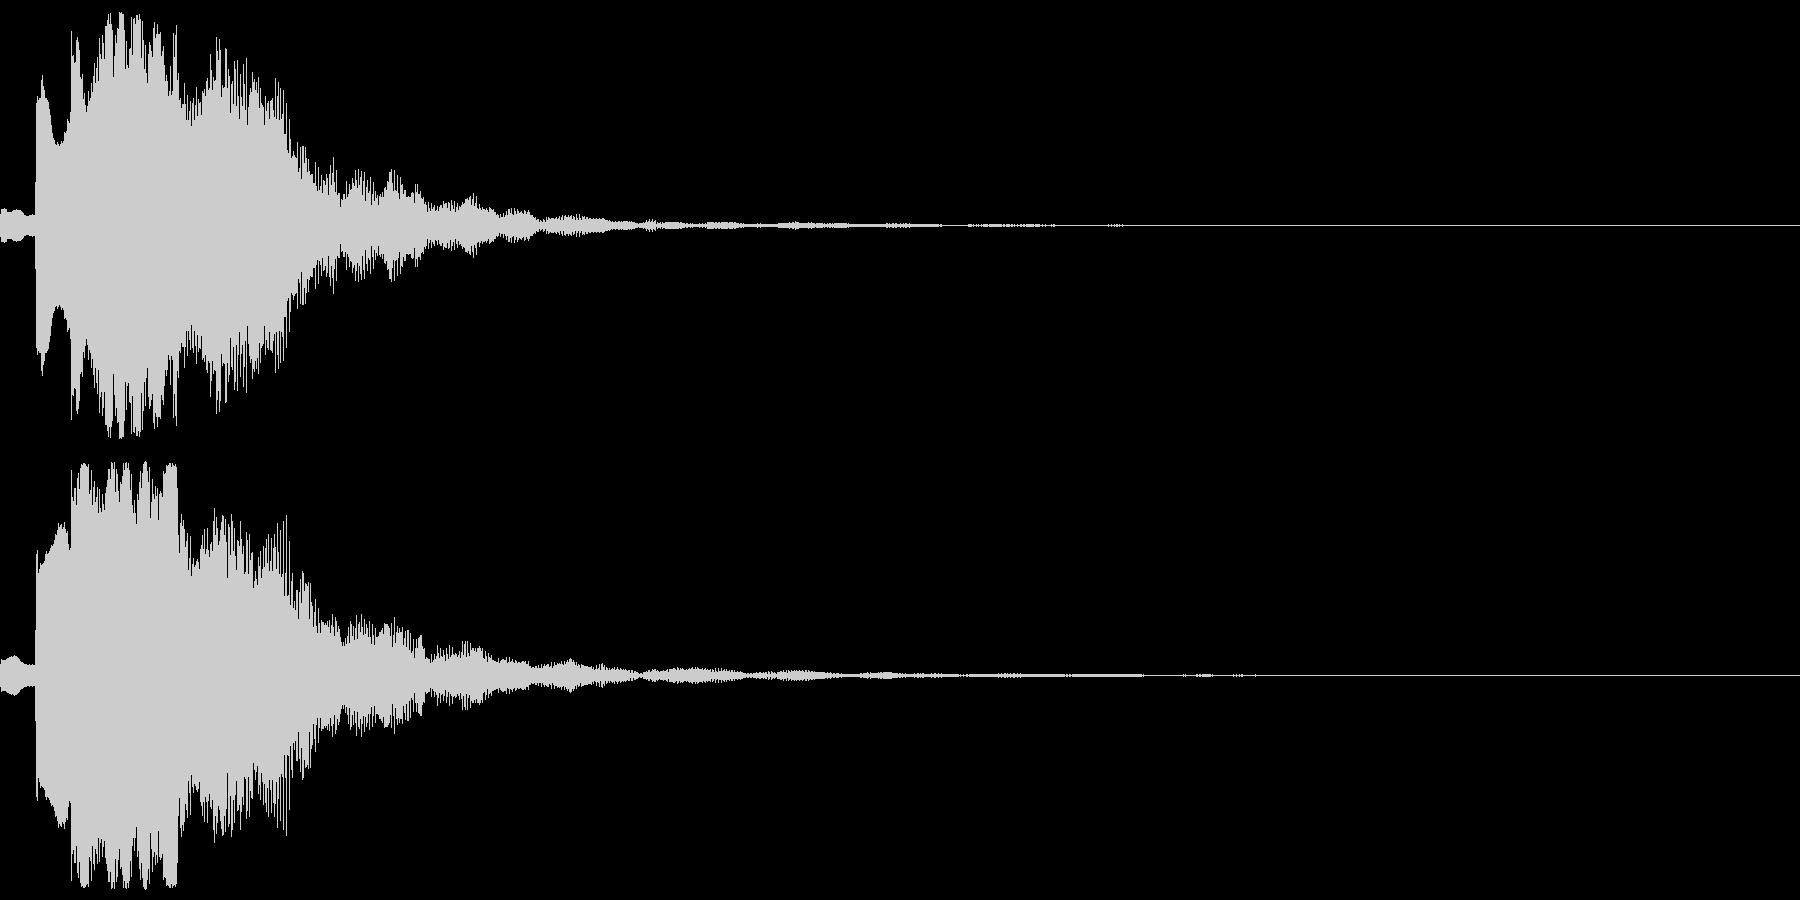 サウンドロゴ04(電子音)の未再生の波形